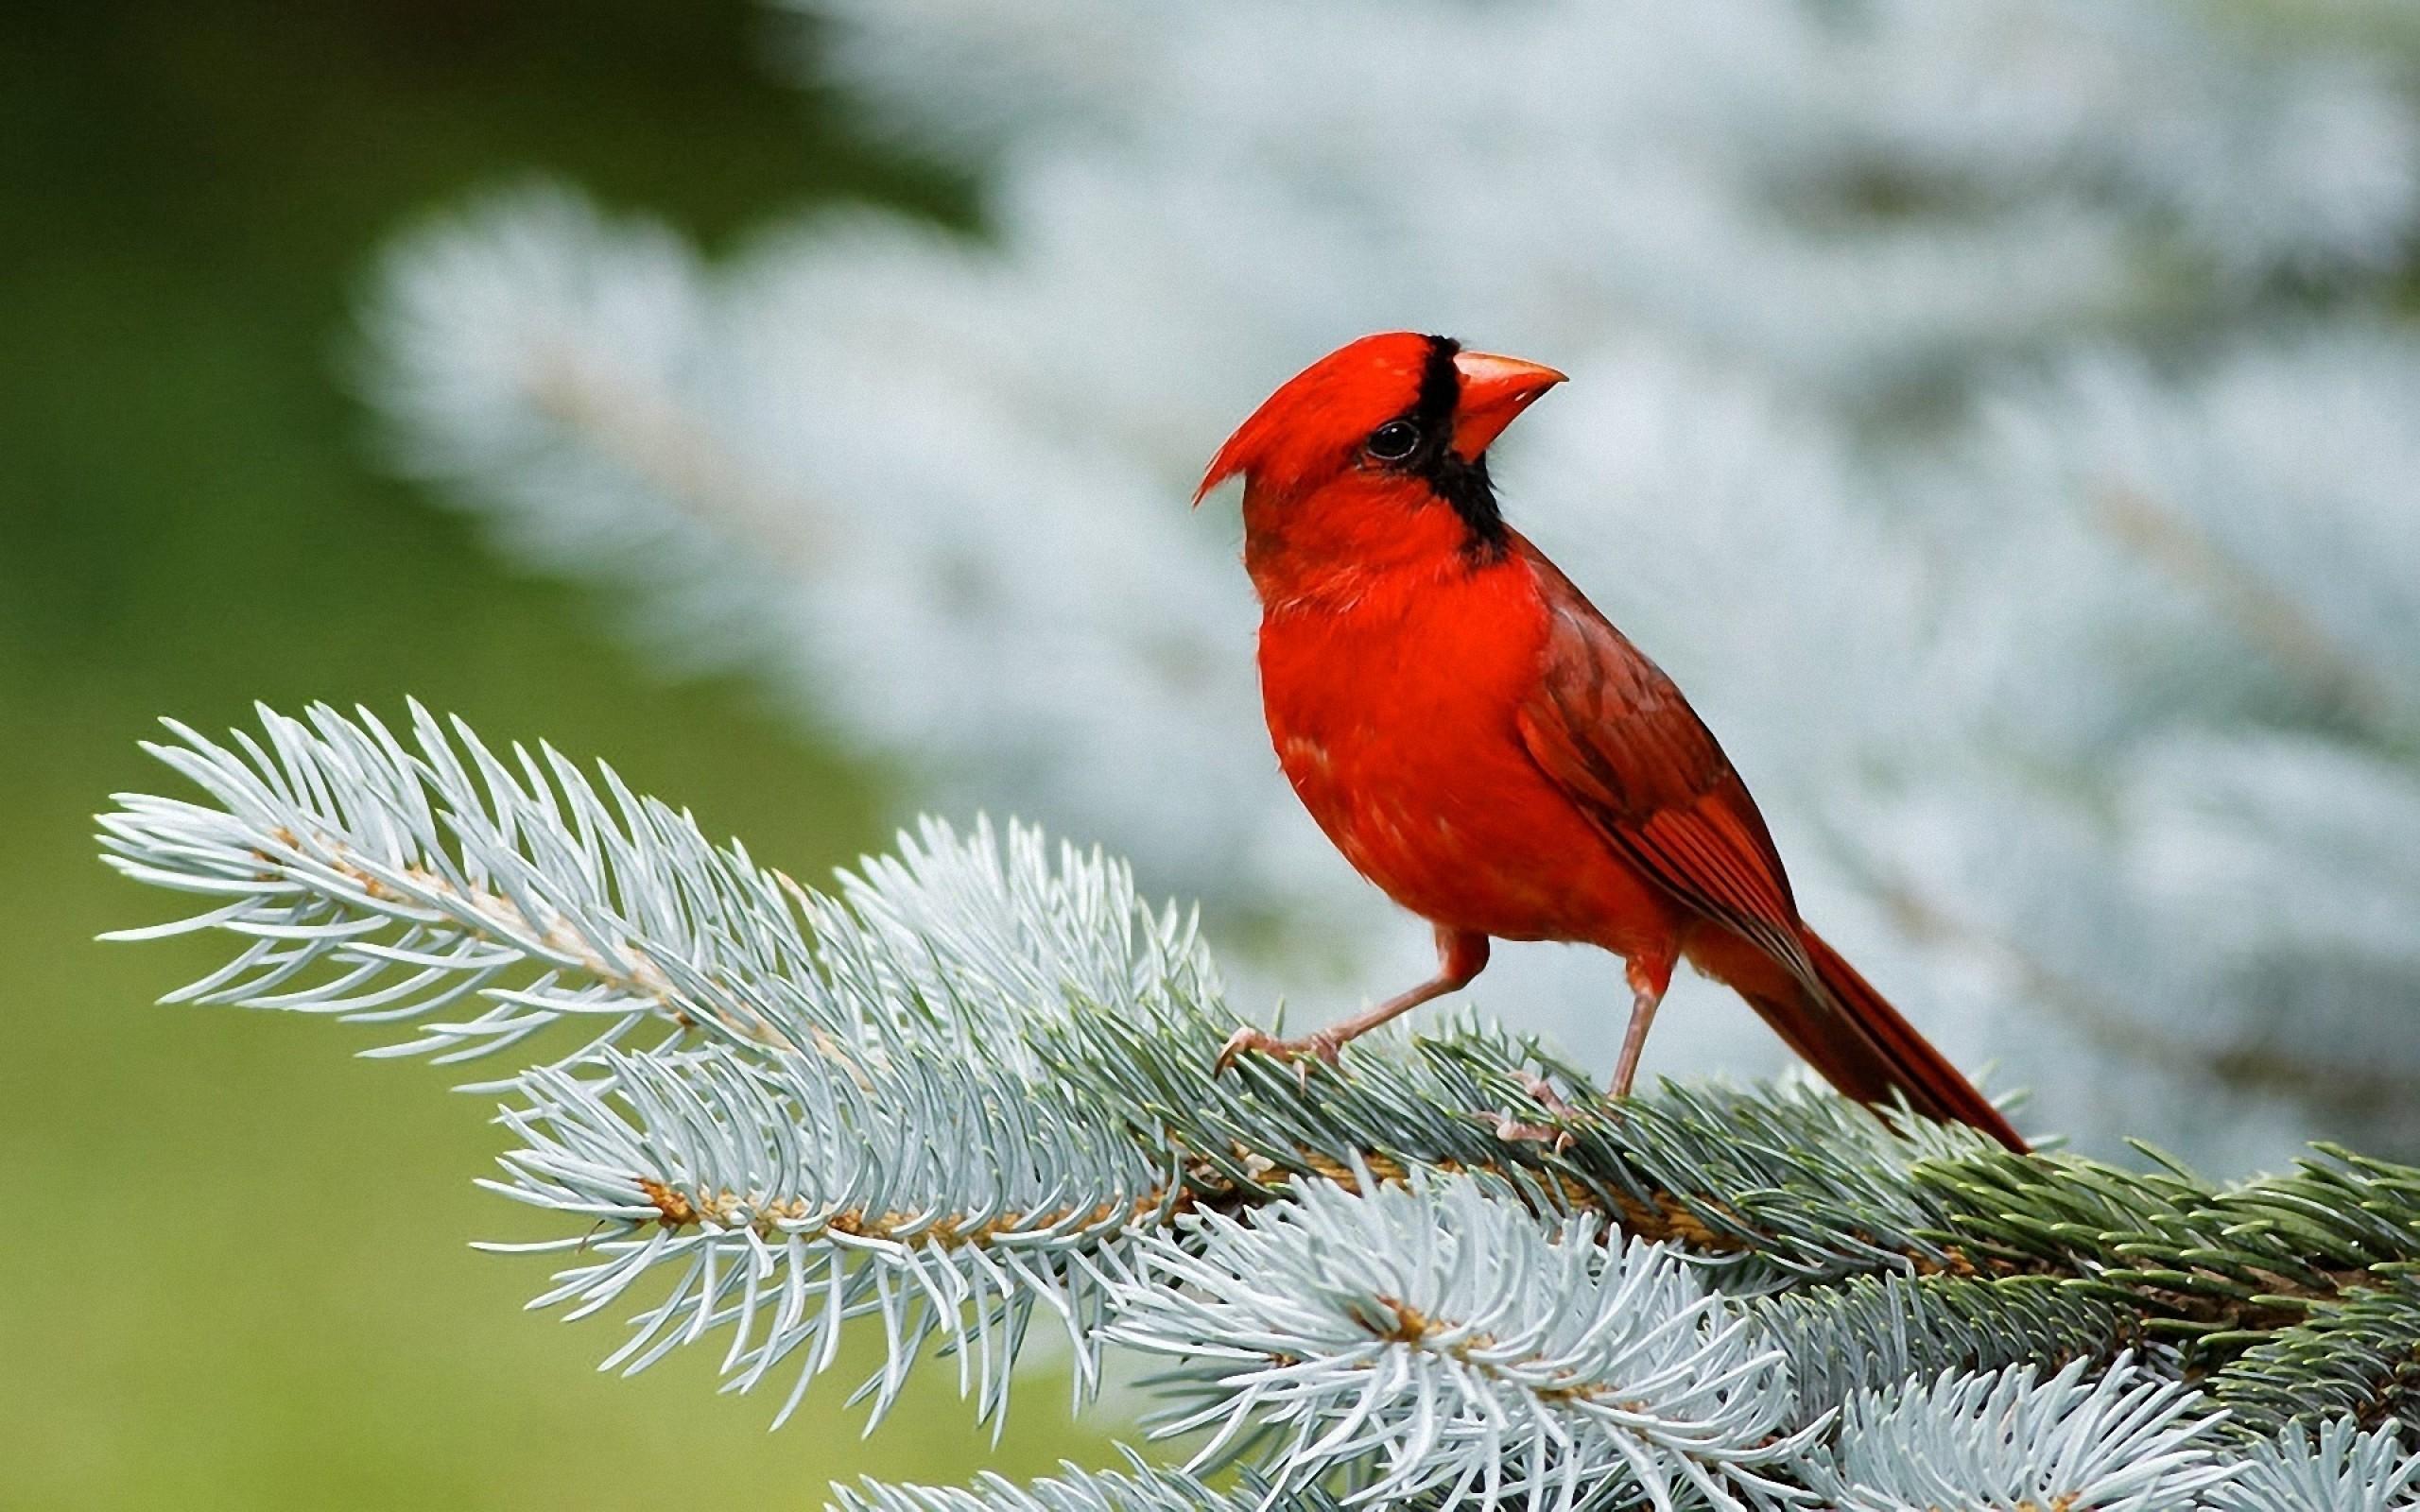 Bird Red Cardinal Wallpaper   Download Wallpaper Nature 2560x1600